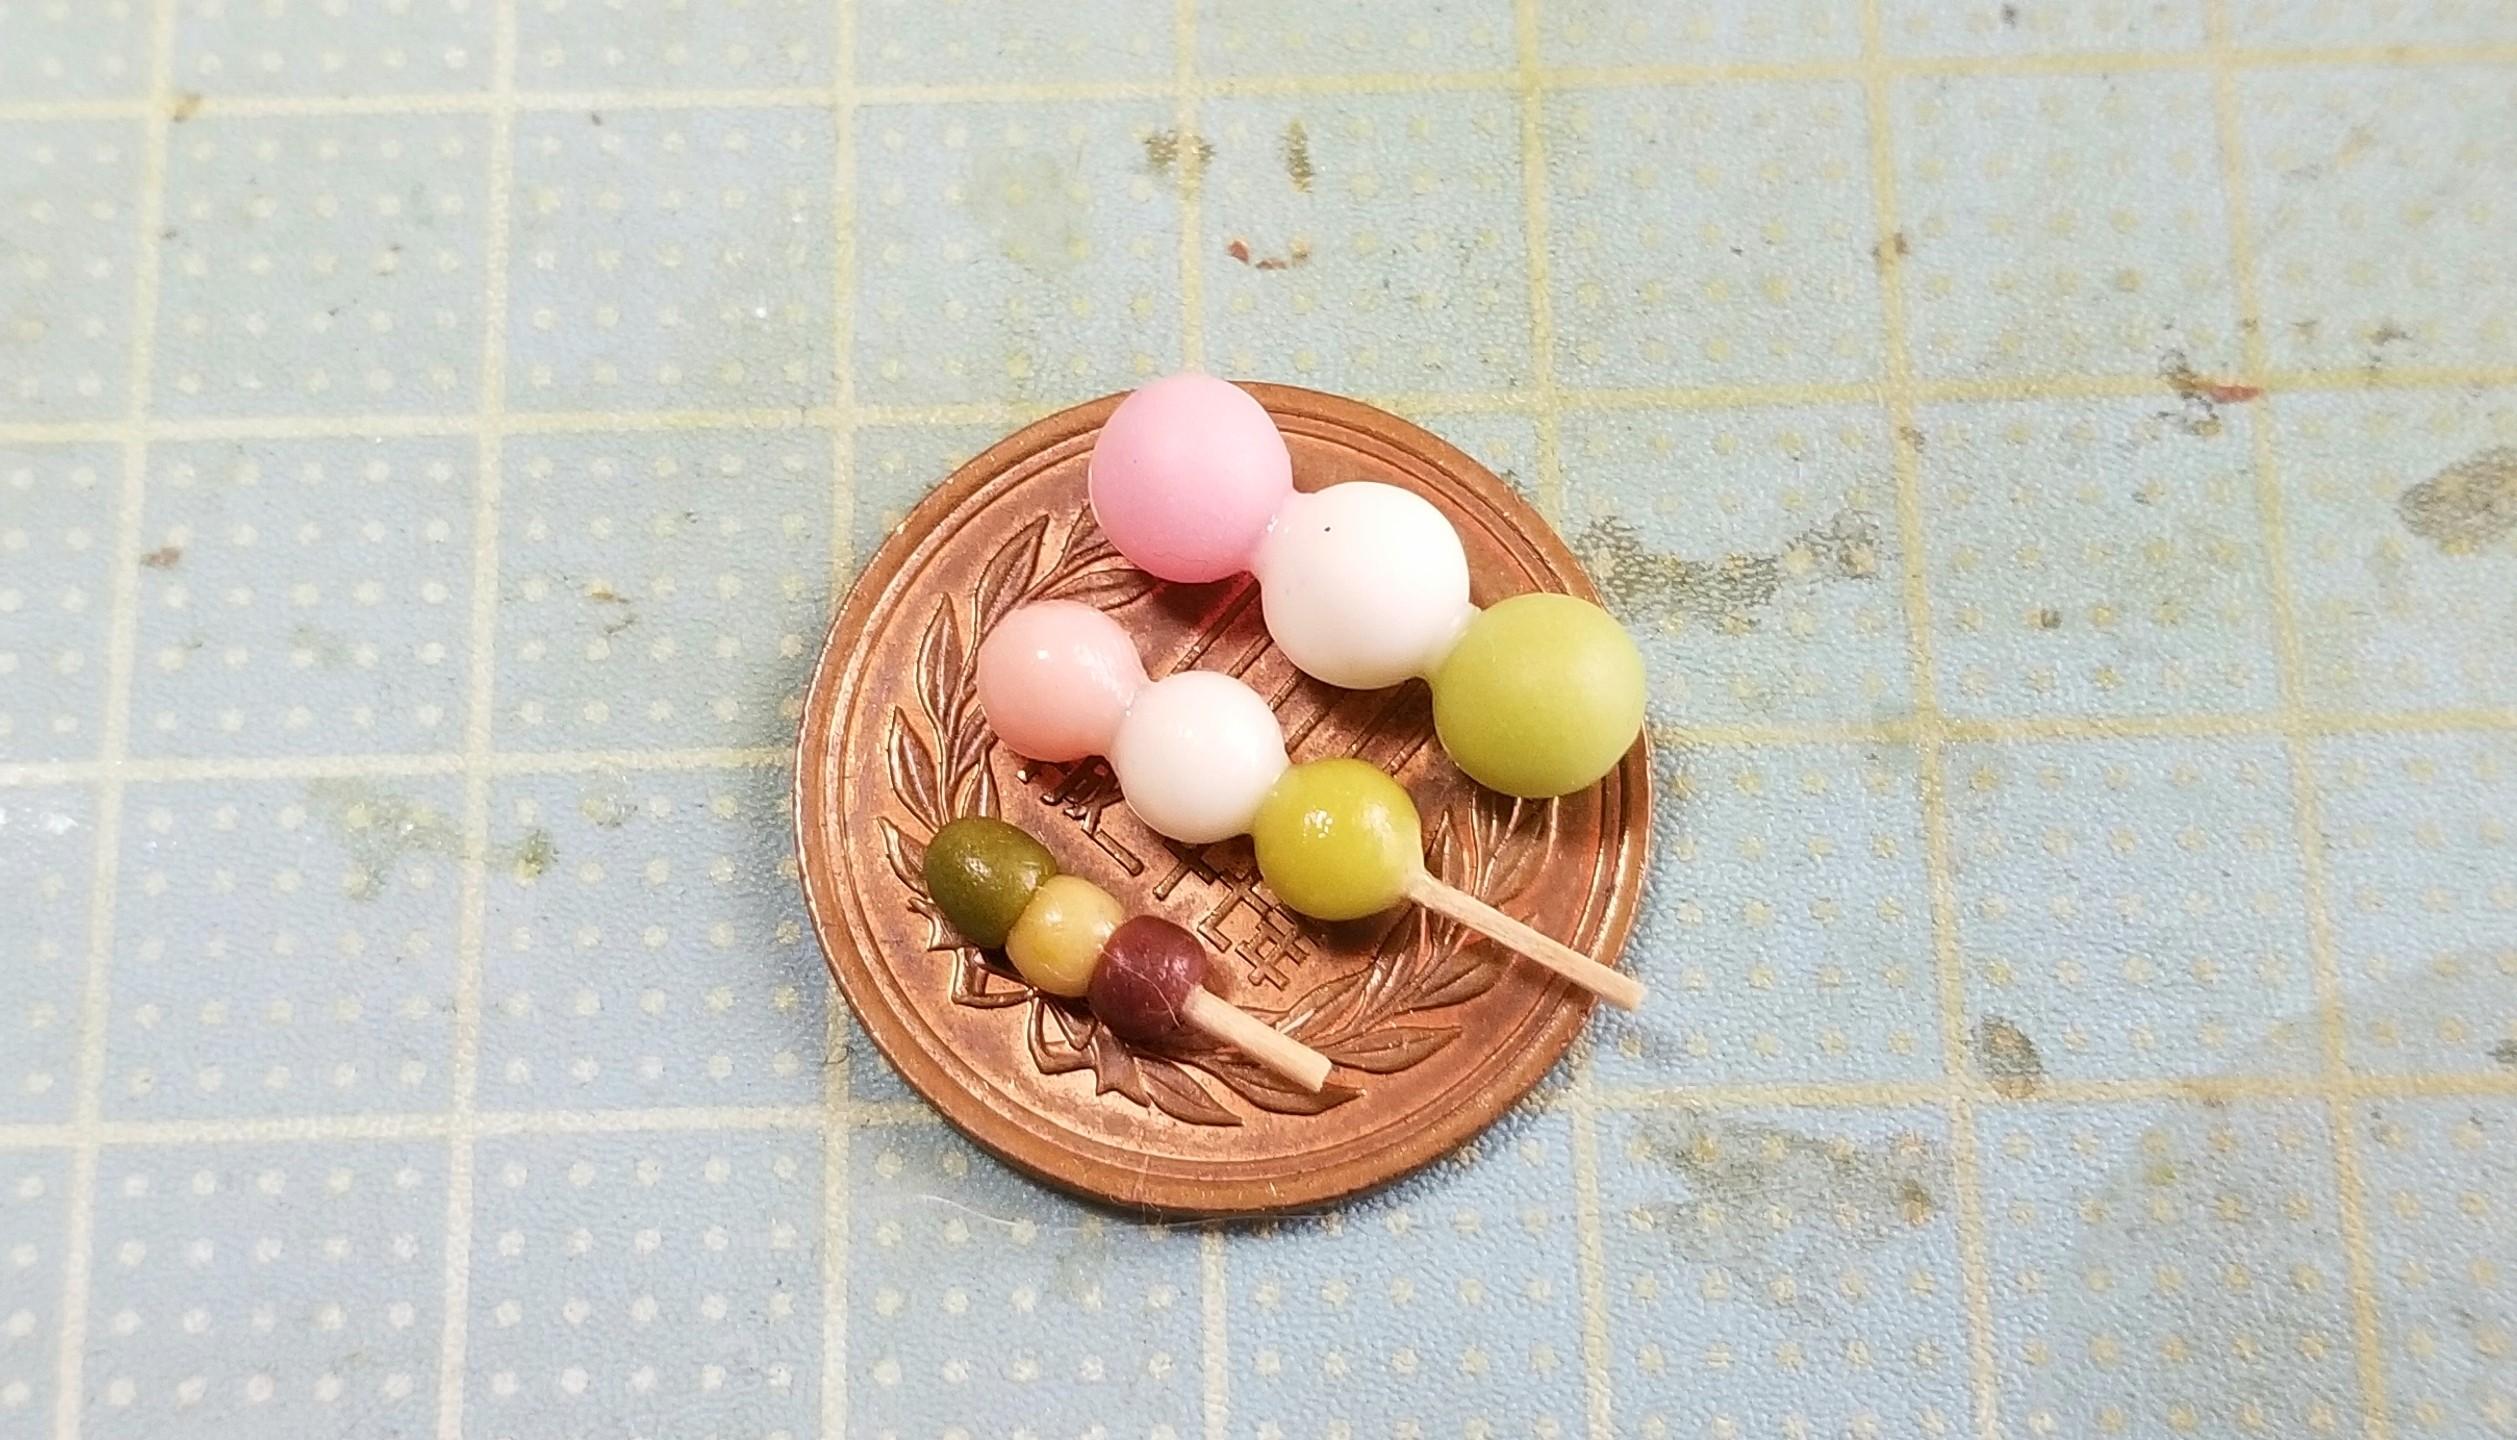 三色団子,和菓子,作り方,ミニチュアフード,樹脂粘土,ドールハウス